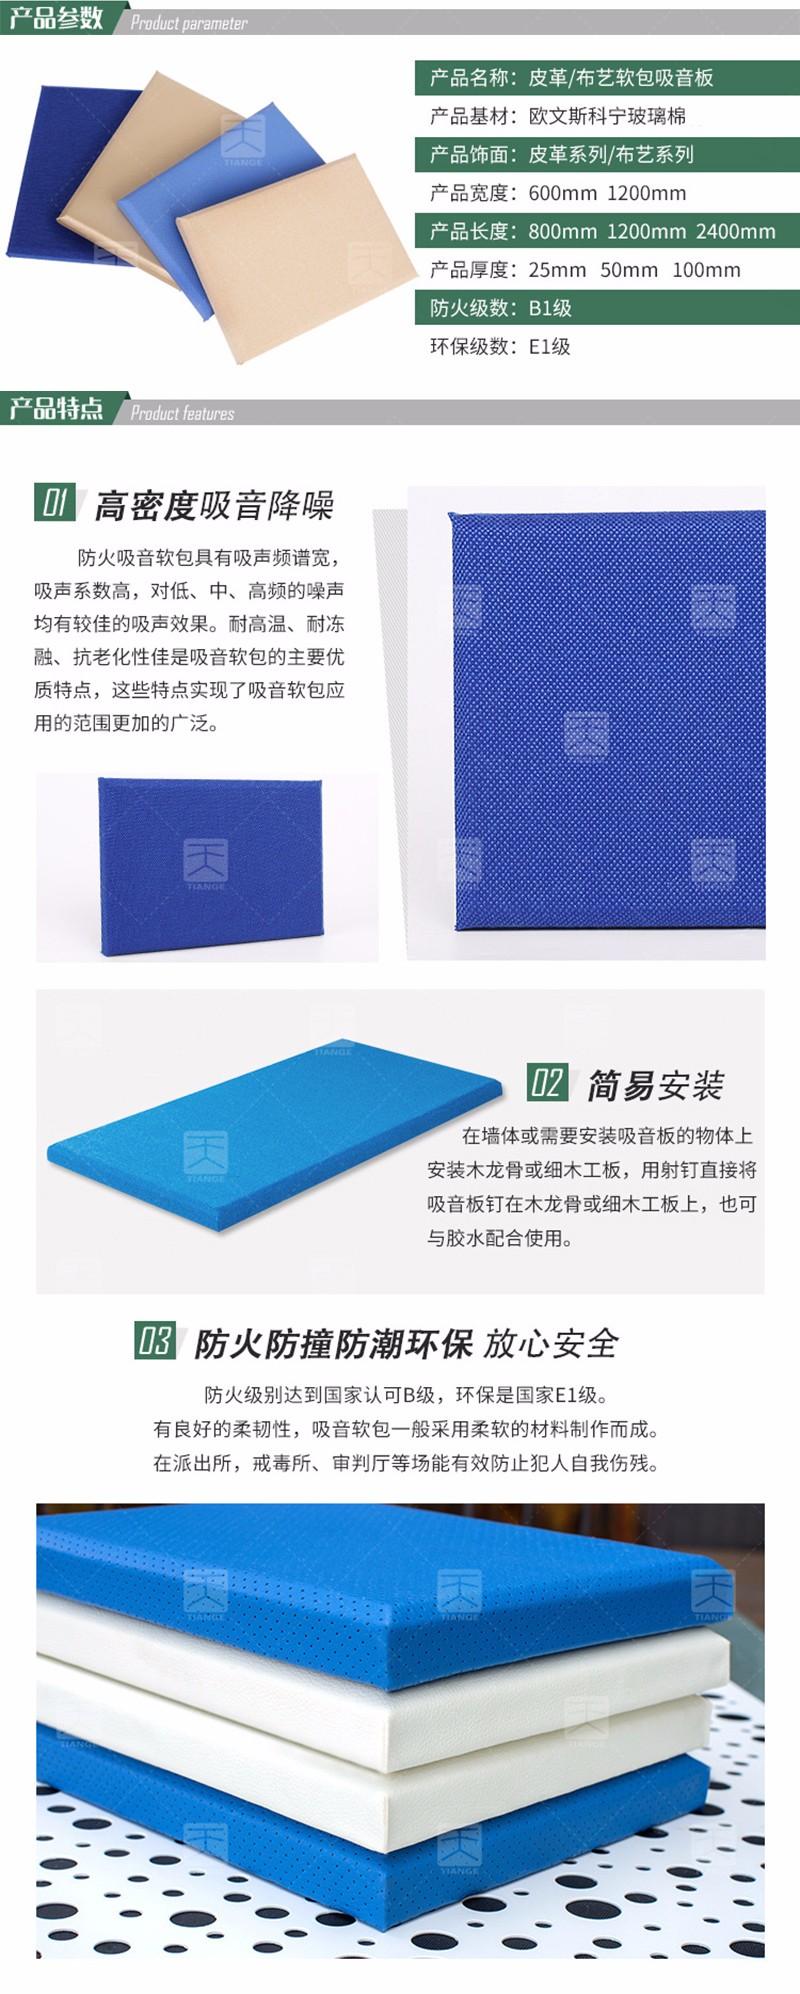 体育馆软包吸音板产品信息